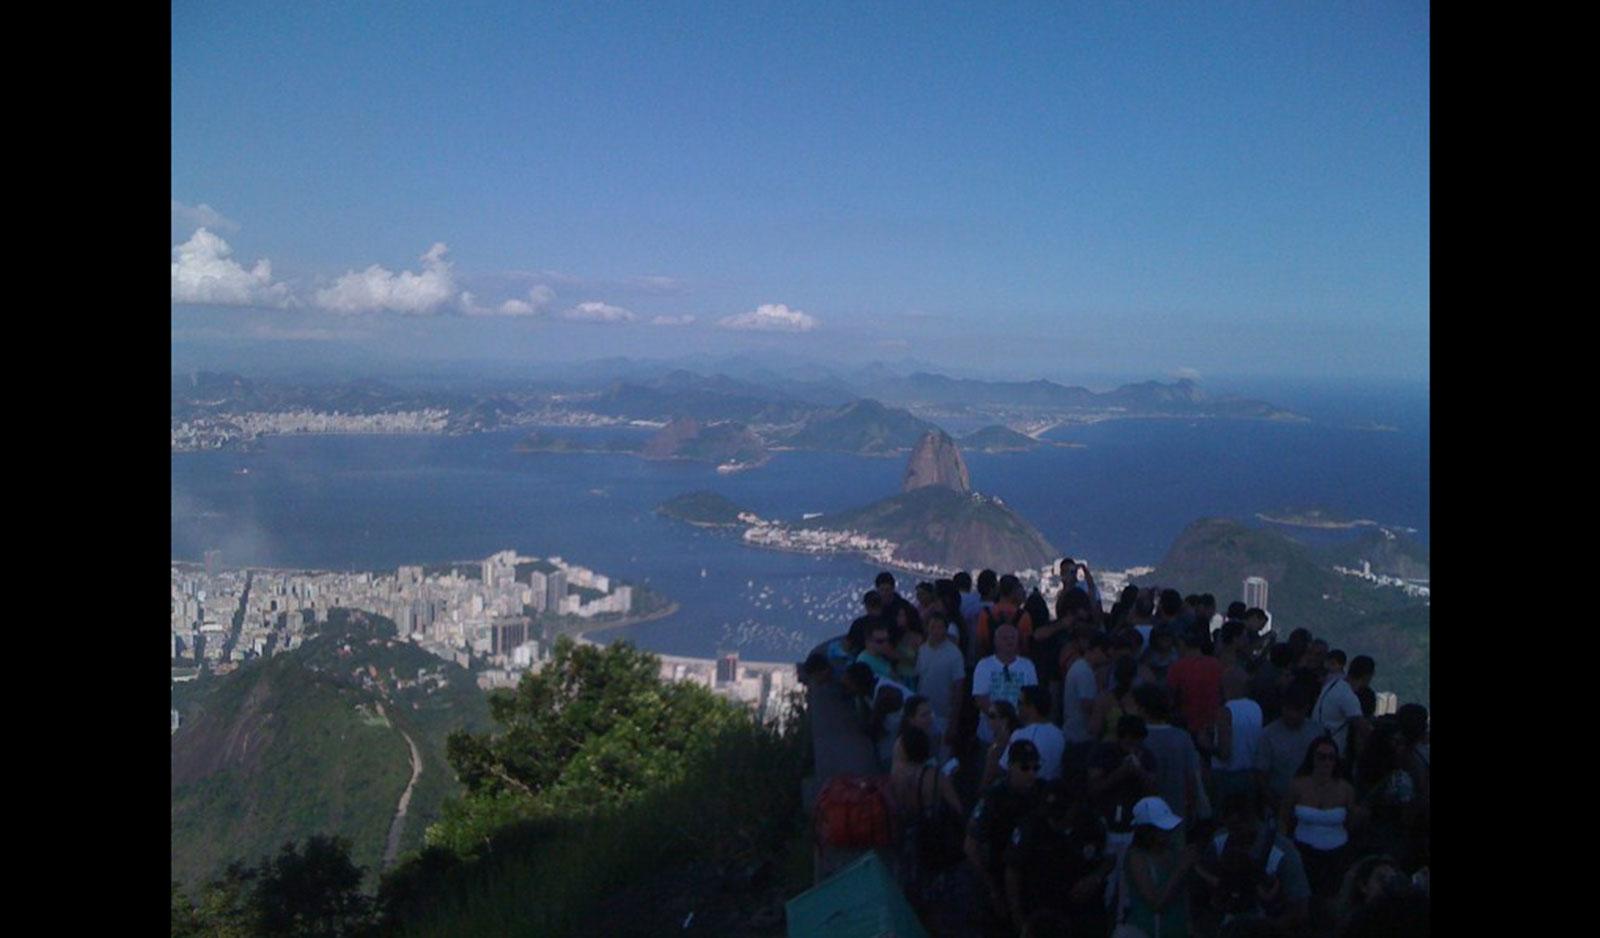 IMG_0359galerie_brazilia_tableta